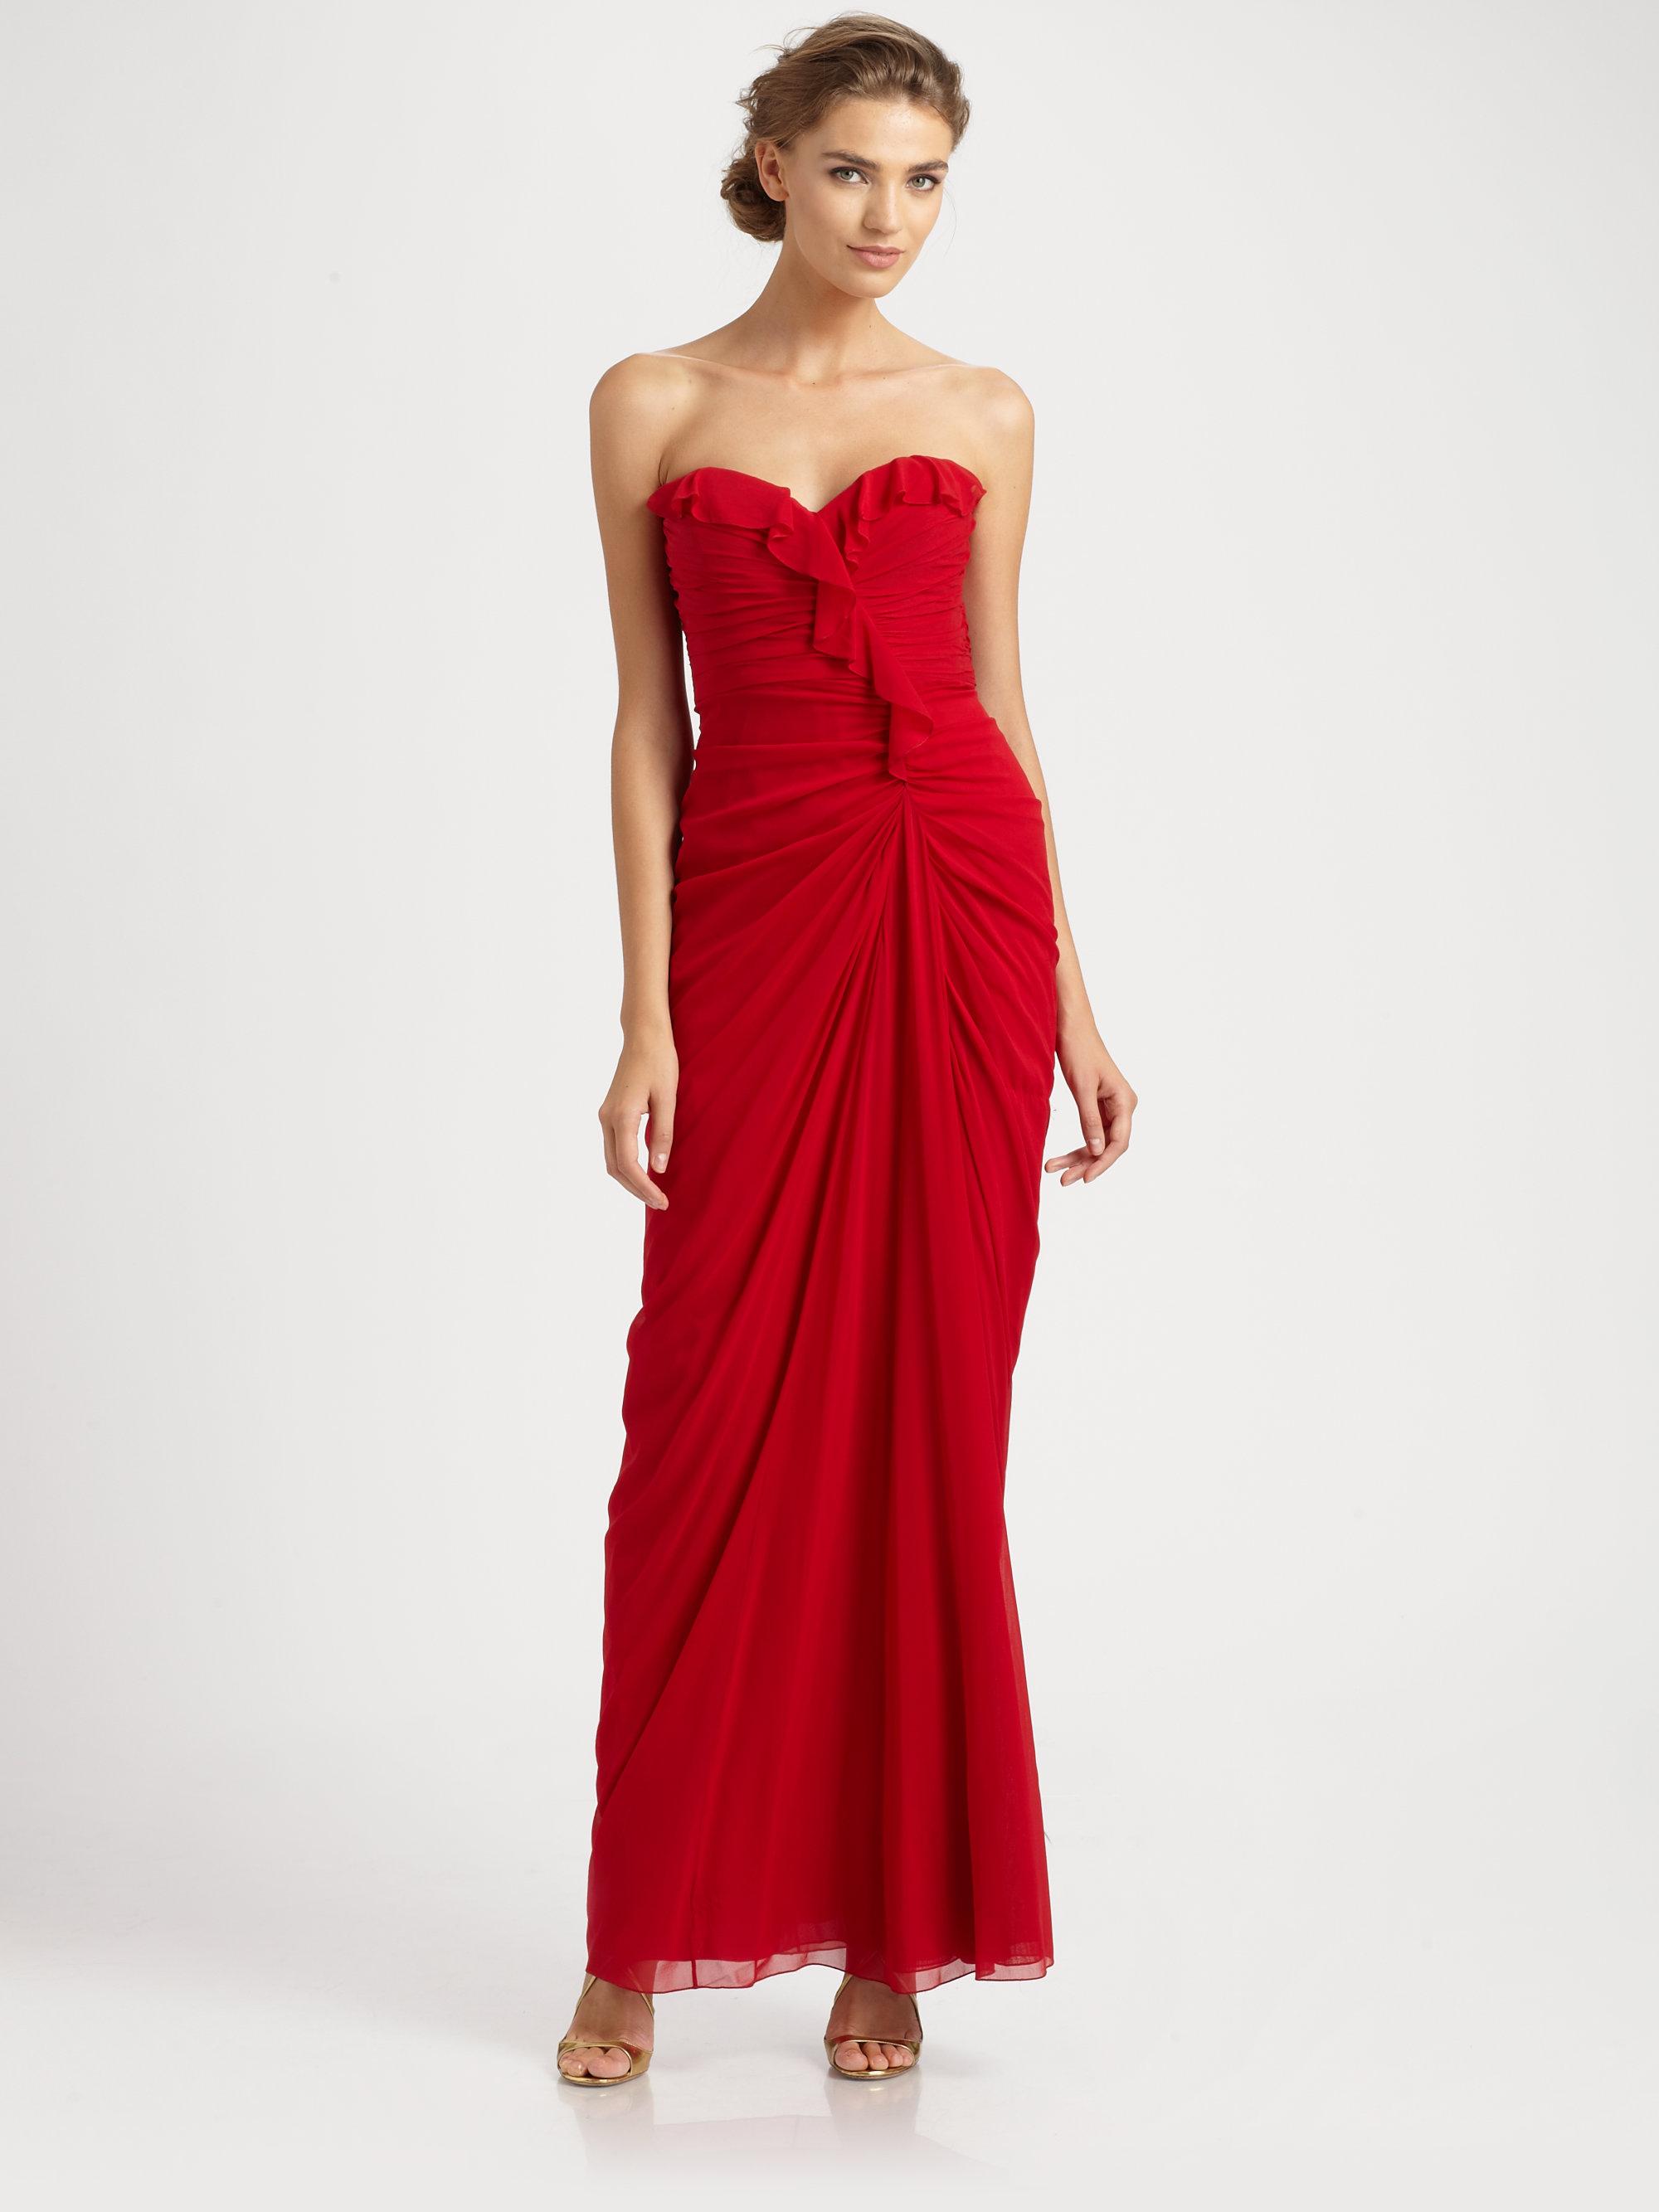 Lyst - Badgley Mischka Strapless Silk Gown in Red